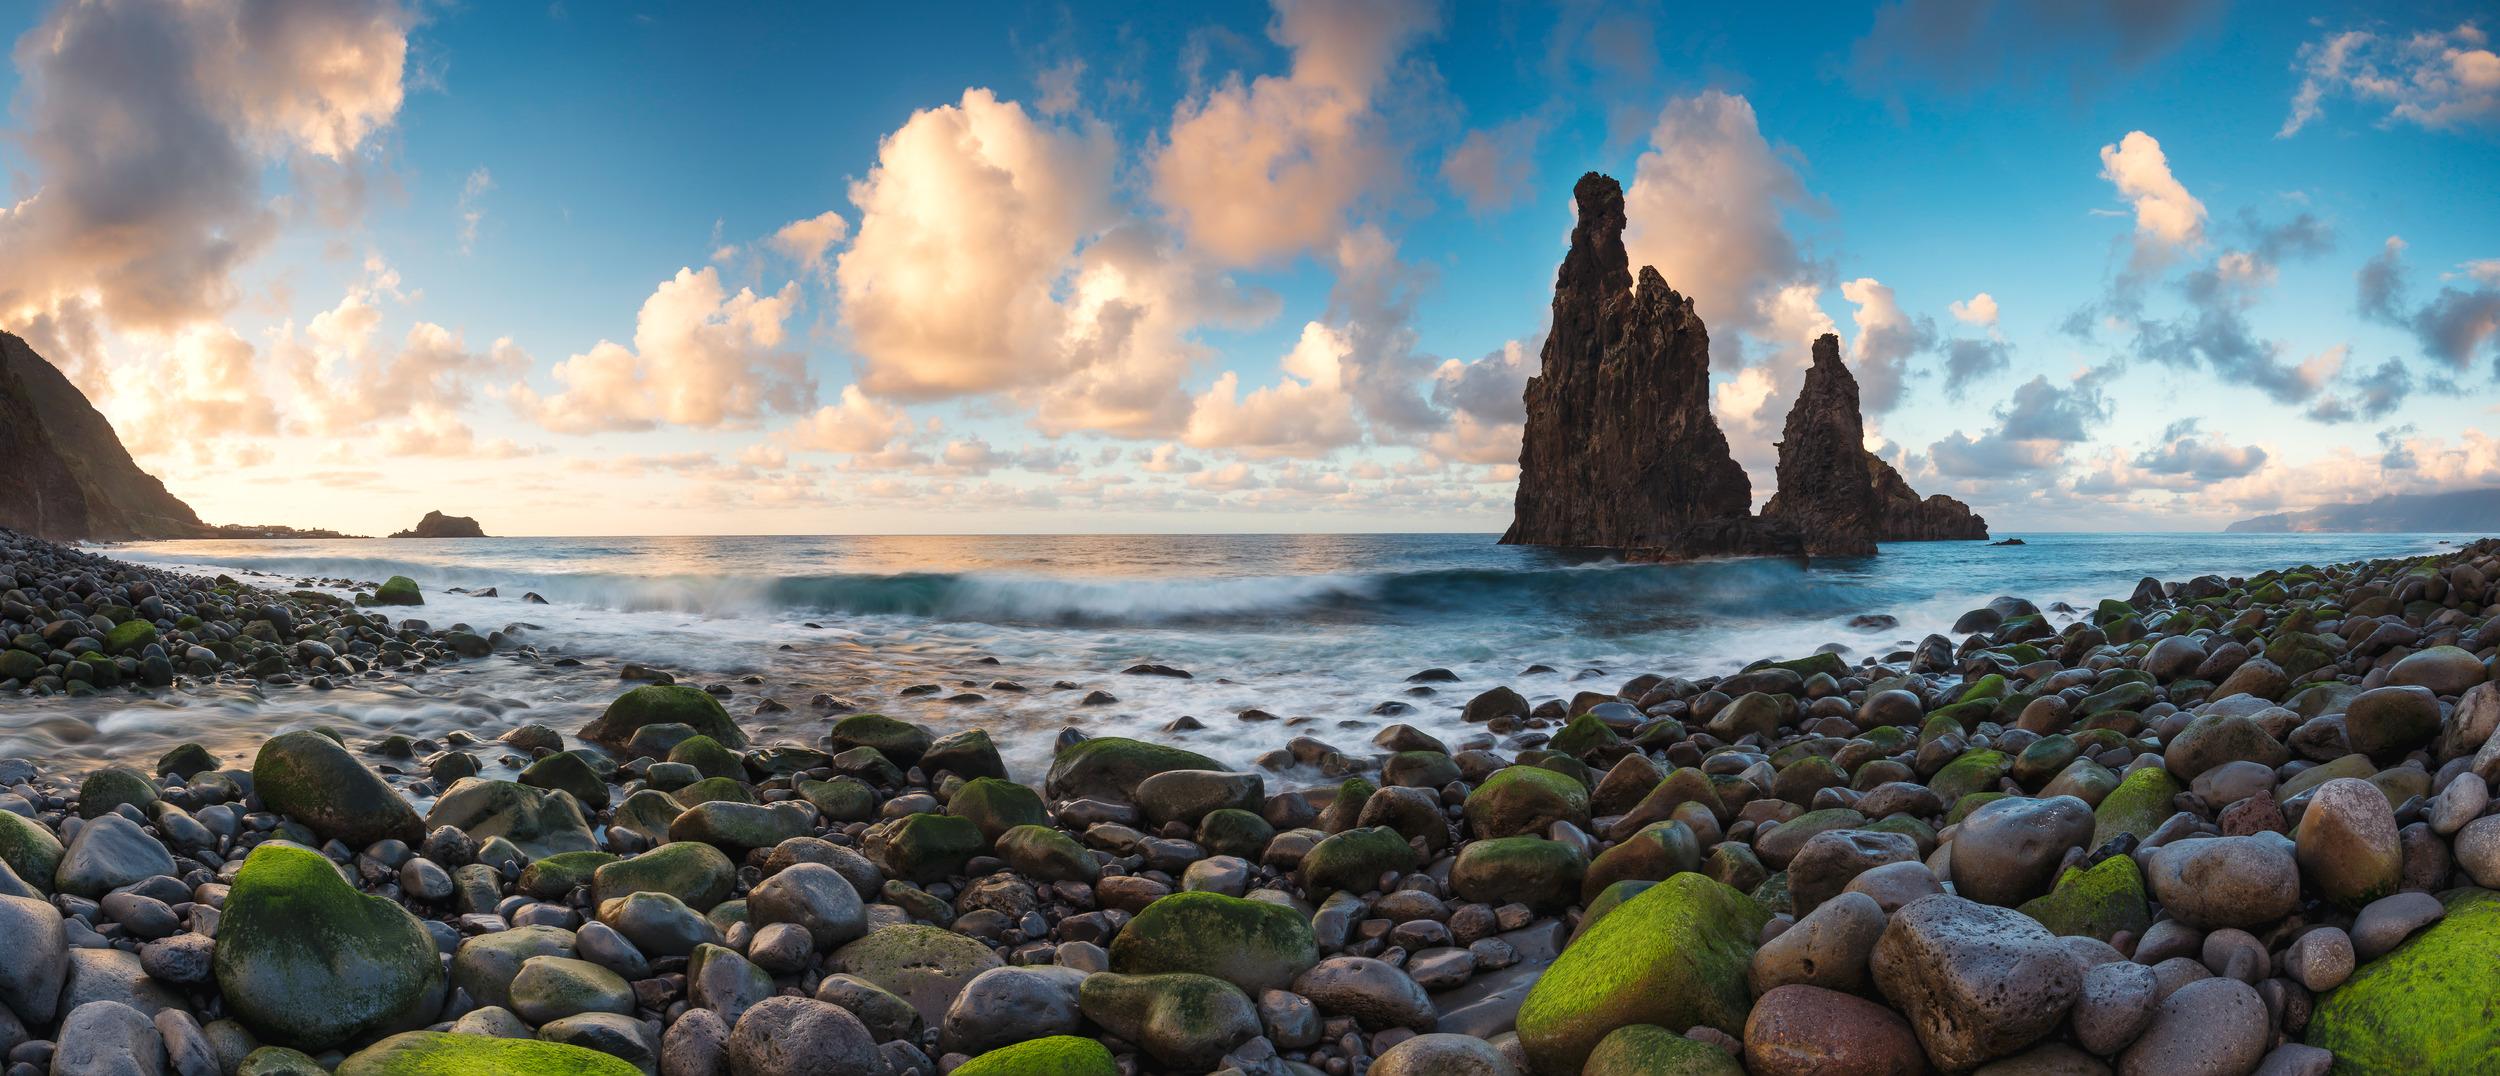 ILHEU RIBEIRA DA JANELA - Schöne Landschaft Bilder kaufen | Stimmungs Foto als Fineart by Stefan Somogyi Fotografie